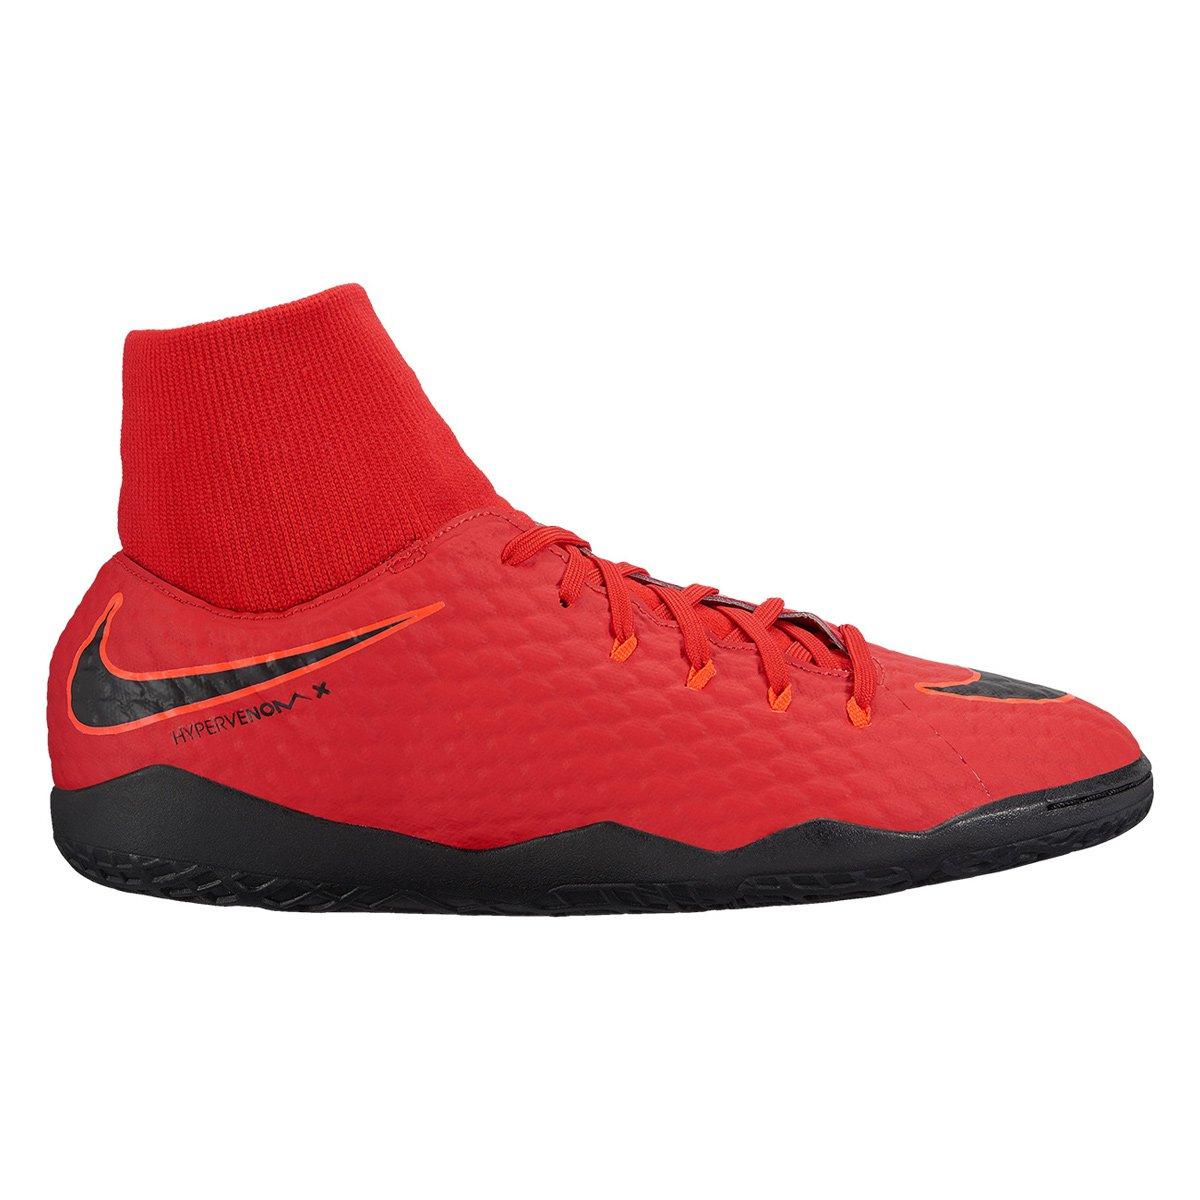 00088611011c9 Chuteira Futsal Nike Hypervenom Phelon 3 DF IC - Compre Agora